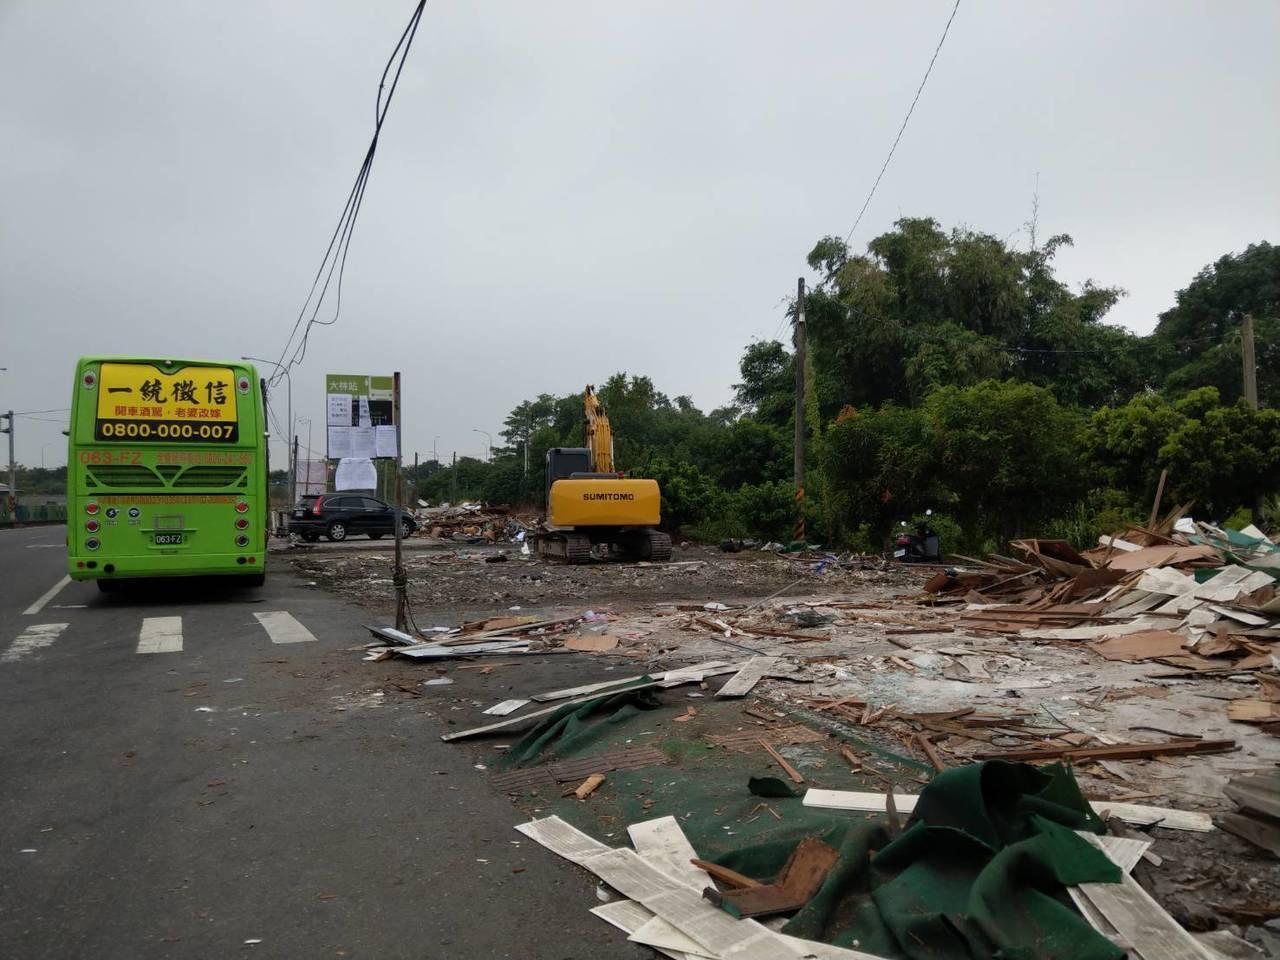 大林鎮公所已於今年9月拆除客運轉運站預定地的占用戶。圖/大林鎮公所提供